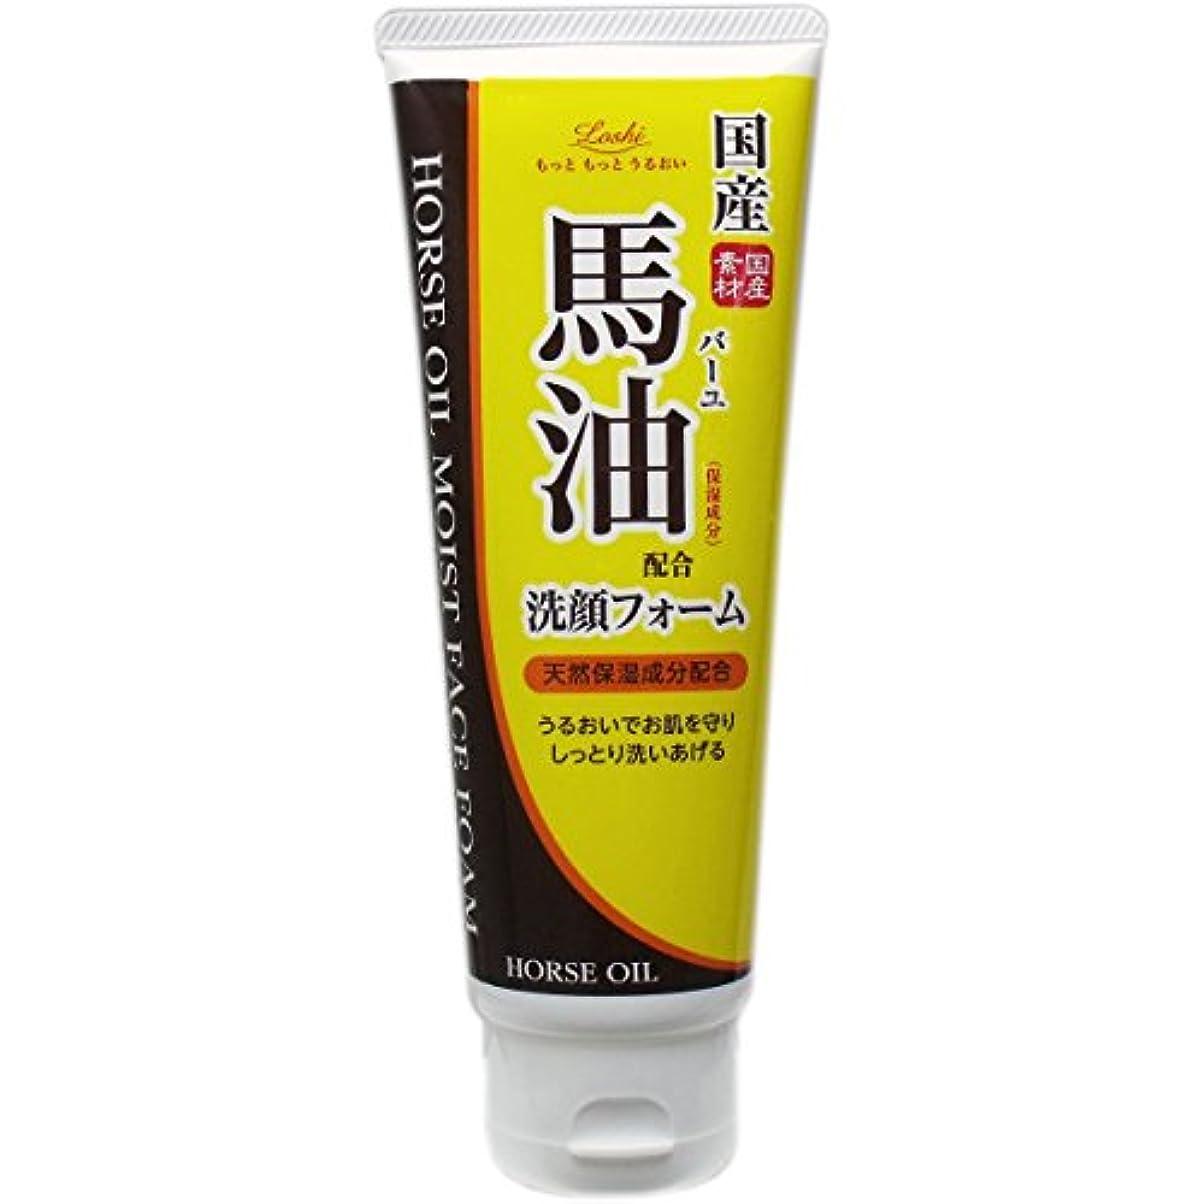 保存するプレミア暗くするロッシ モイストエイド 馬油ホイップ洗顔フォーム 130g